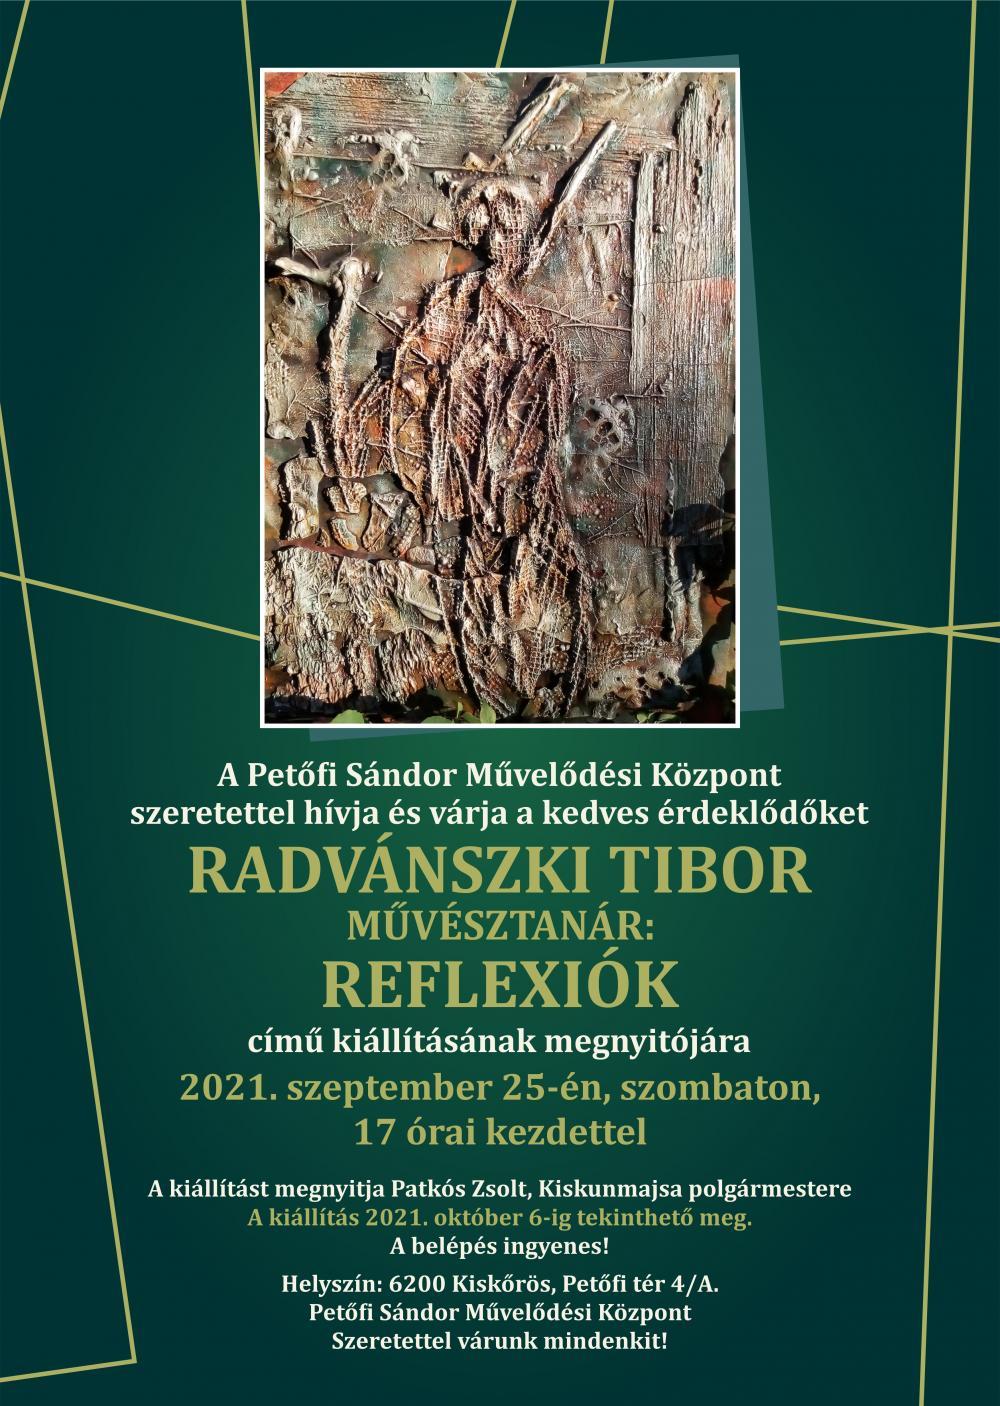 Radvánszki Tibor művésztanár kiállítása